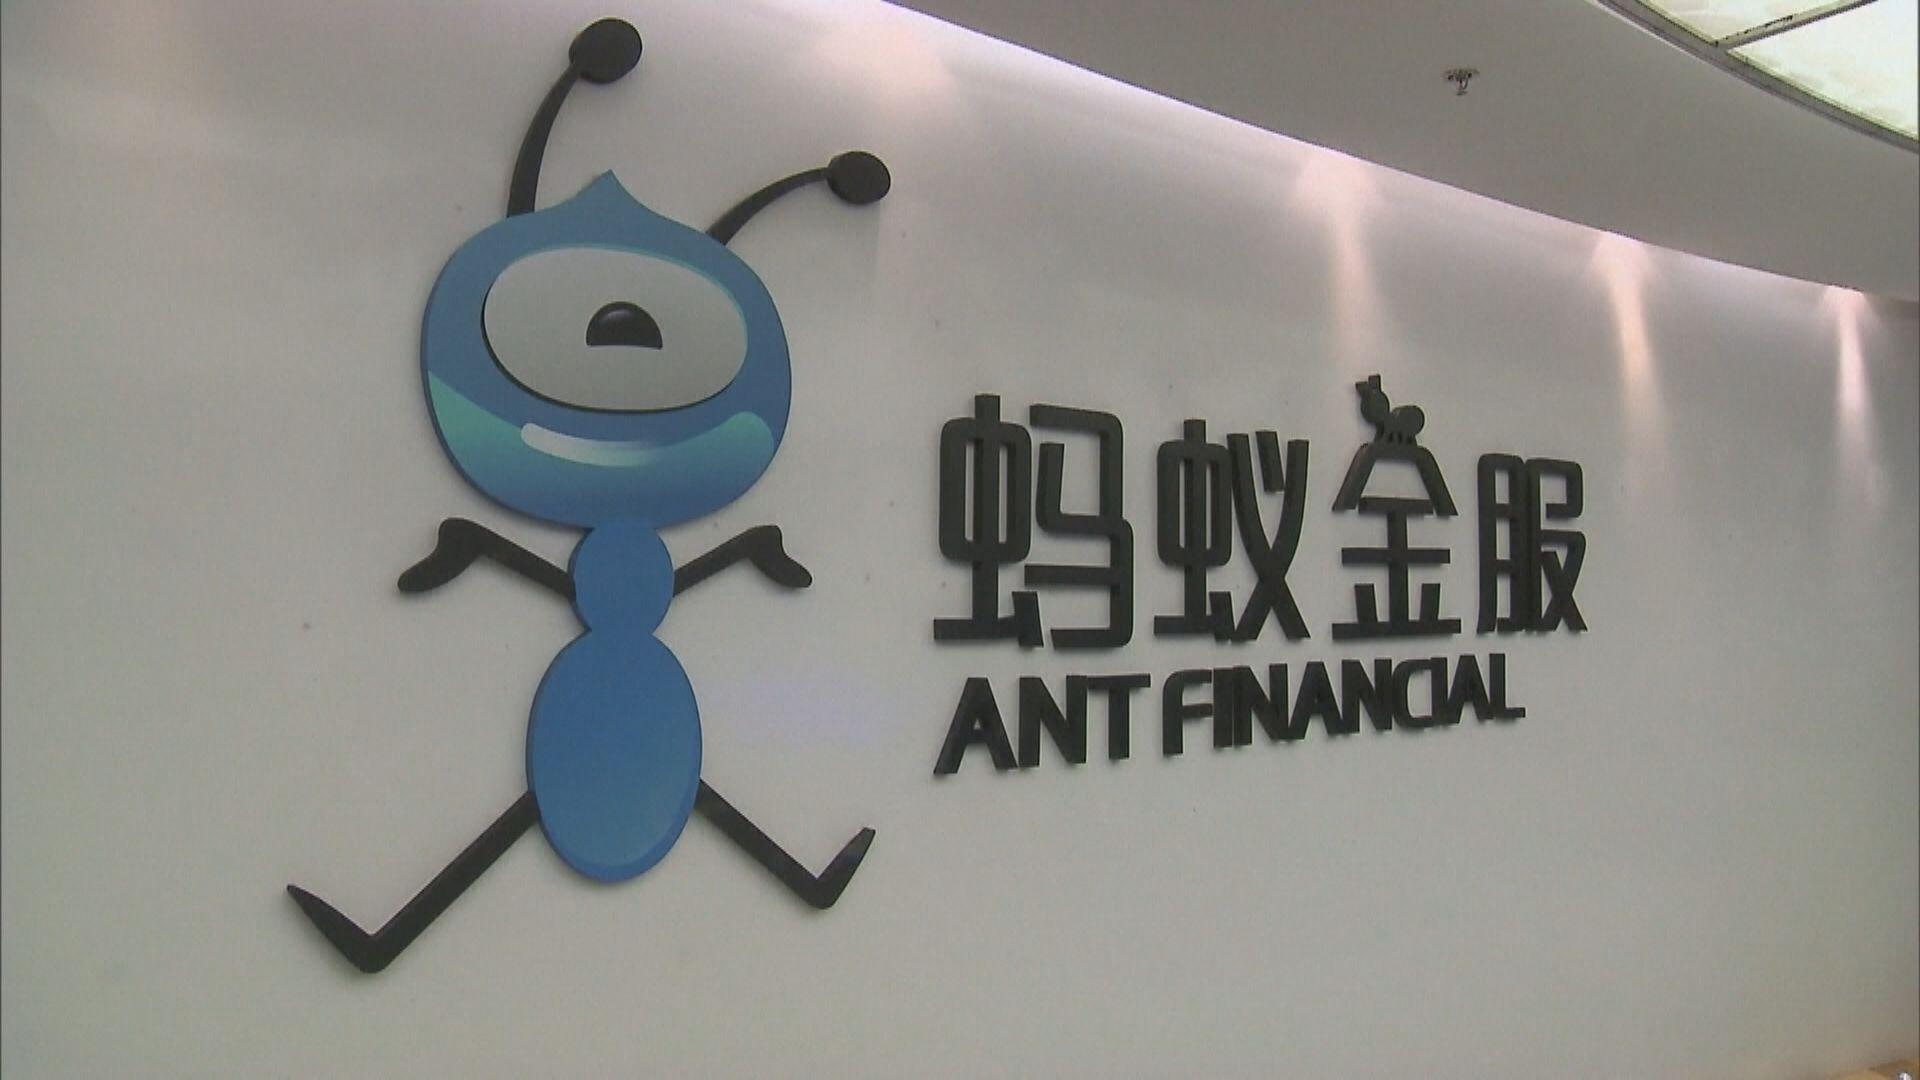 螞蟻集團周四上市 首日即可沽空